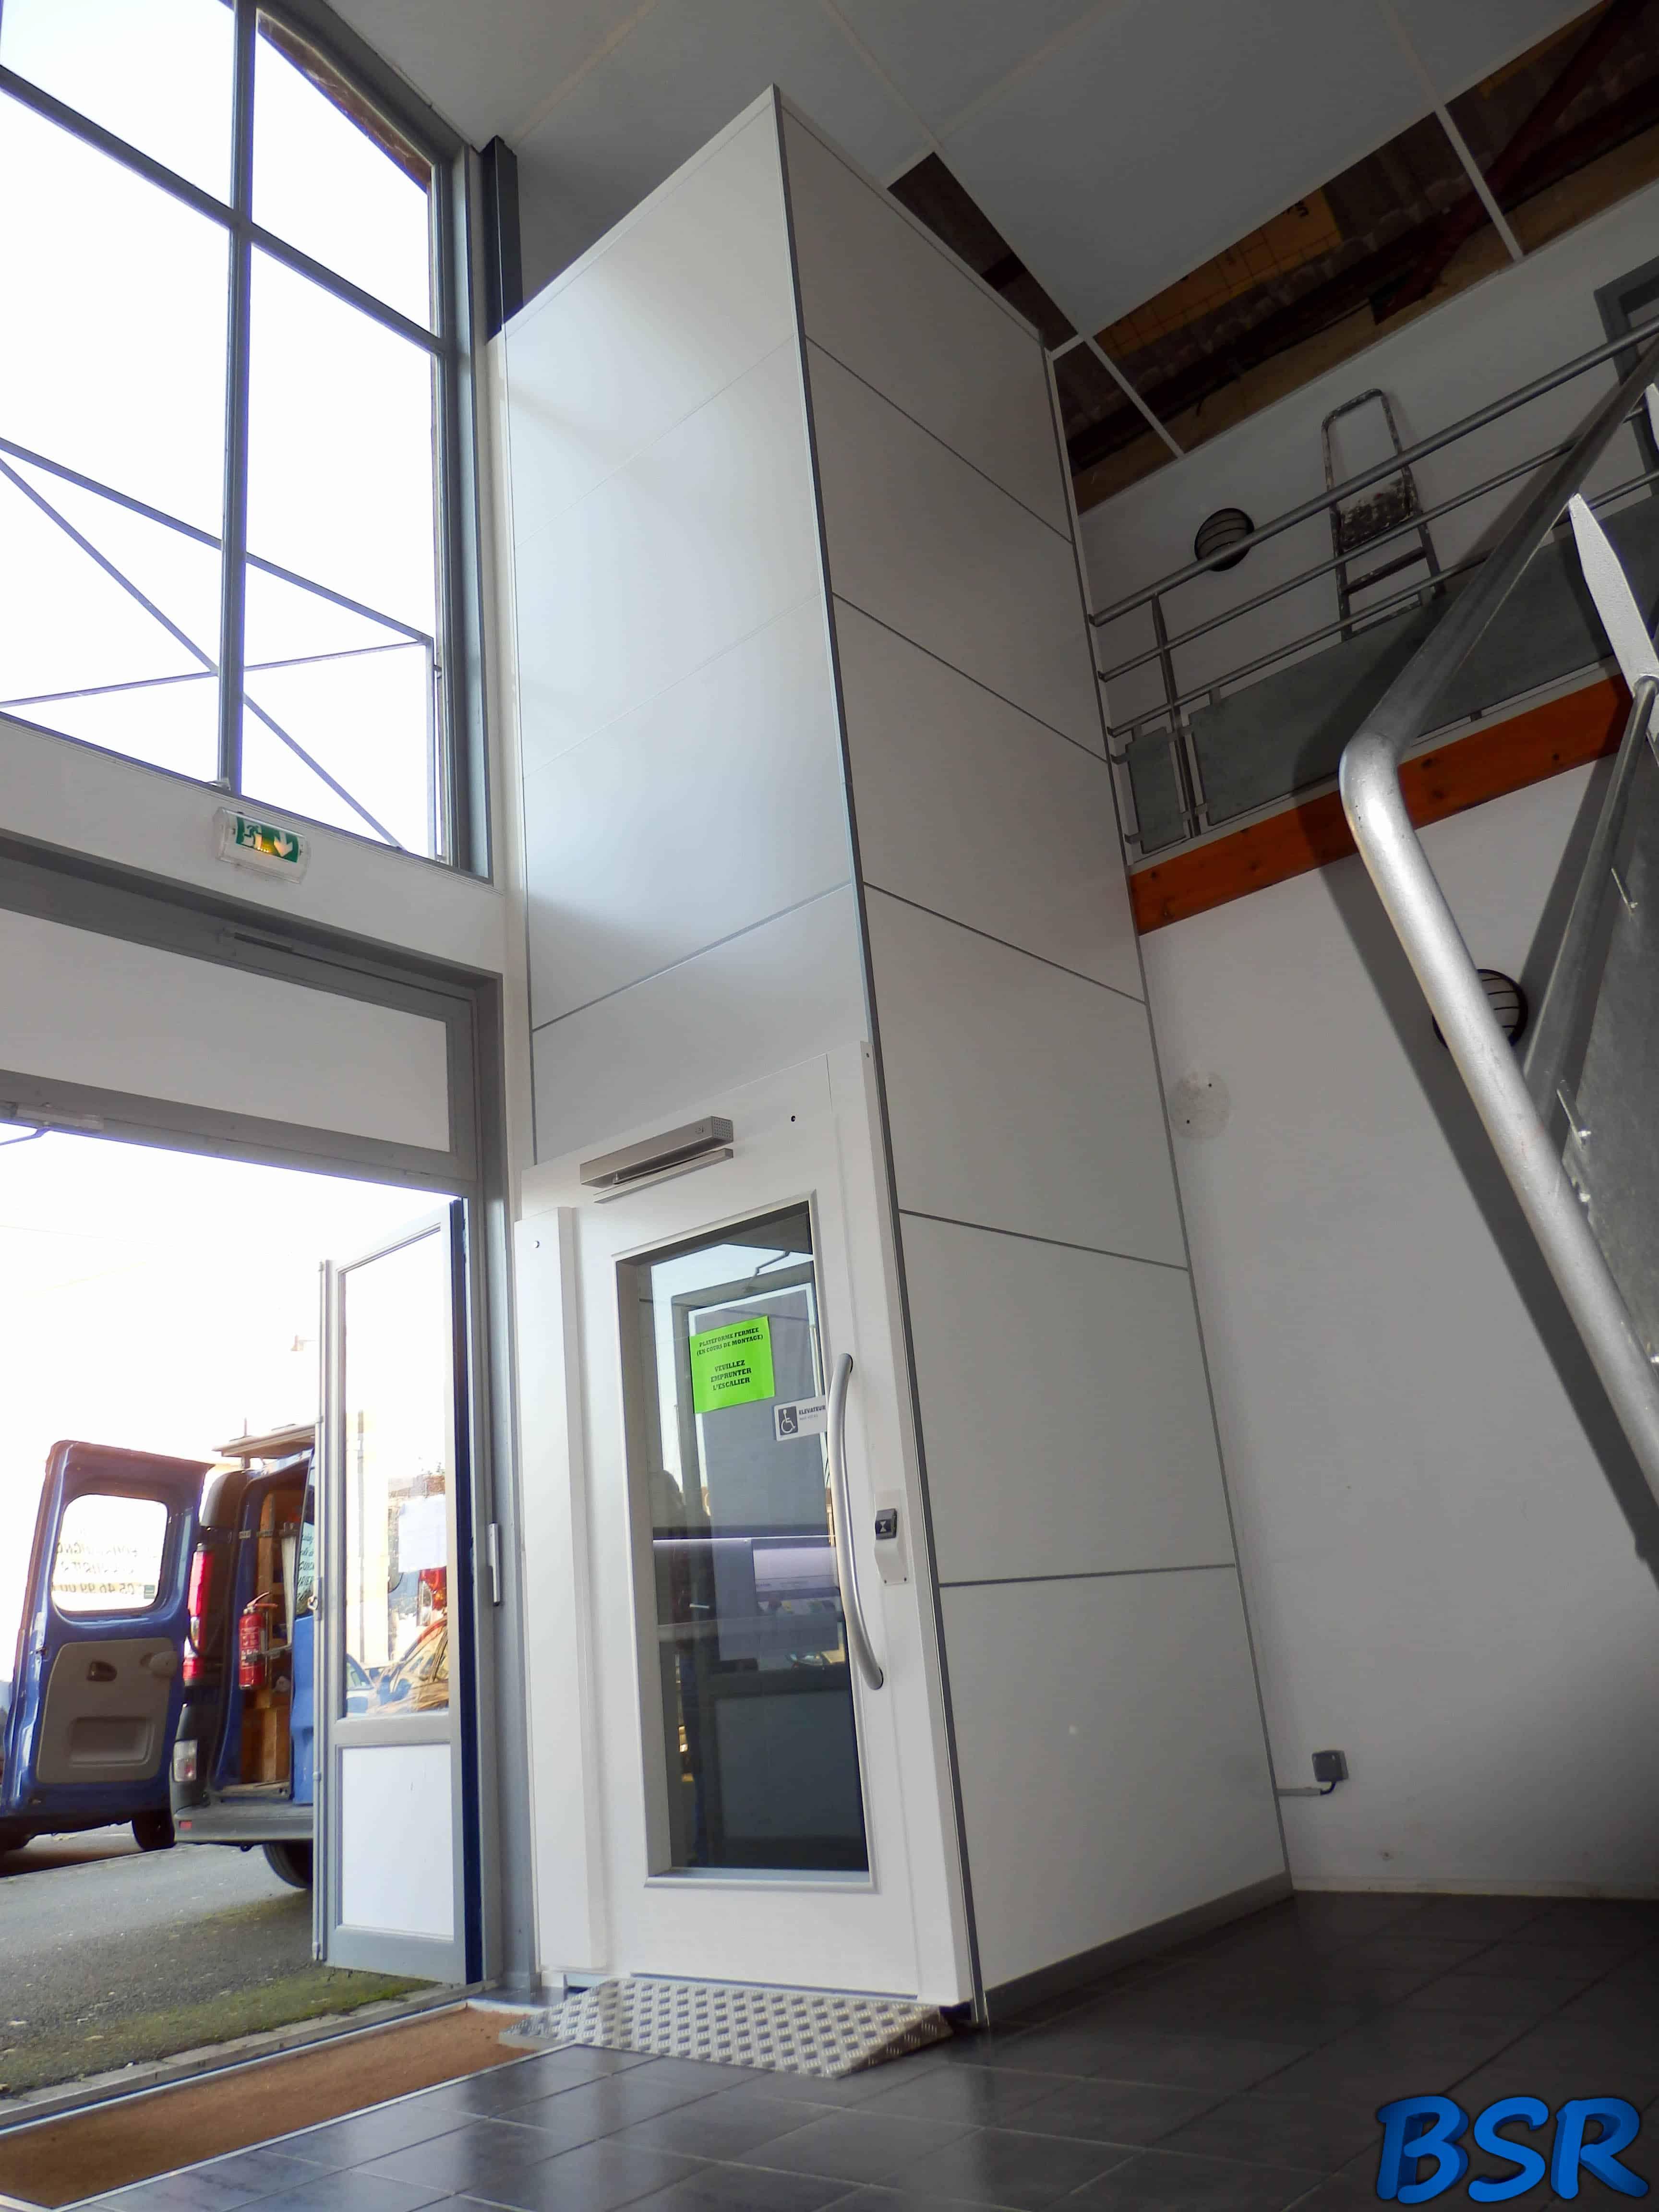 Platforme Elevatrice BSR 011